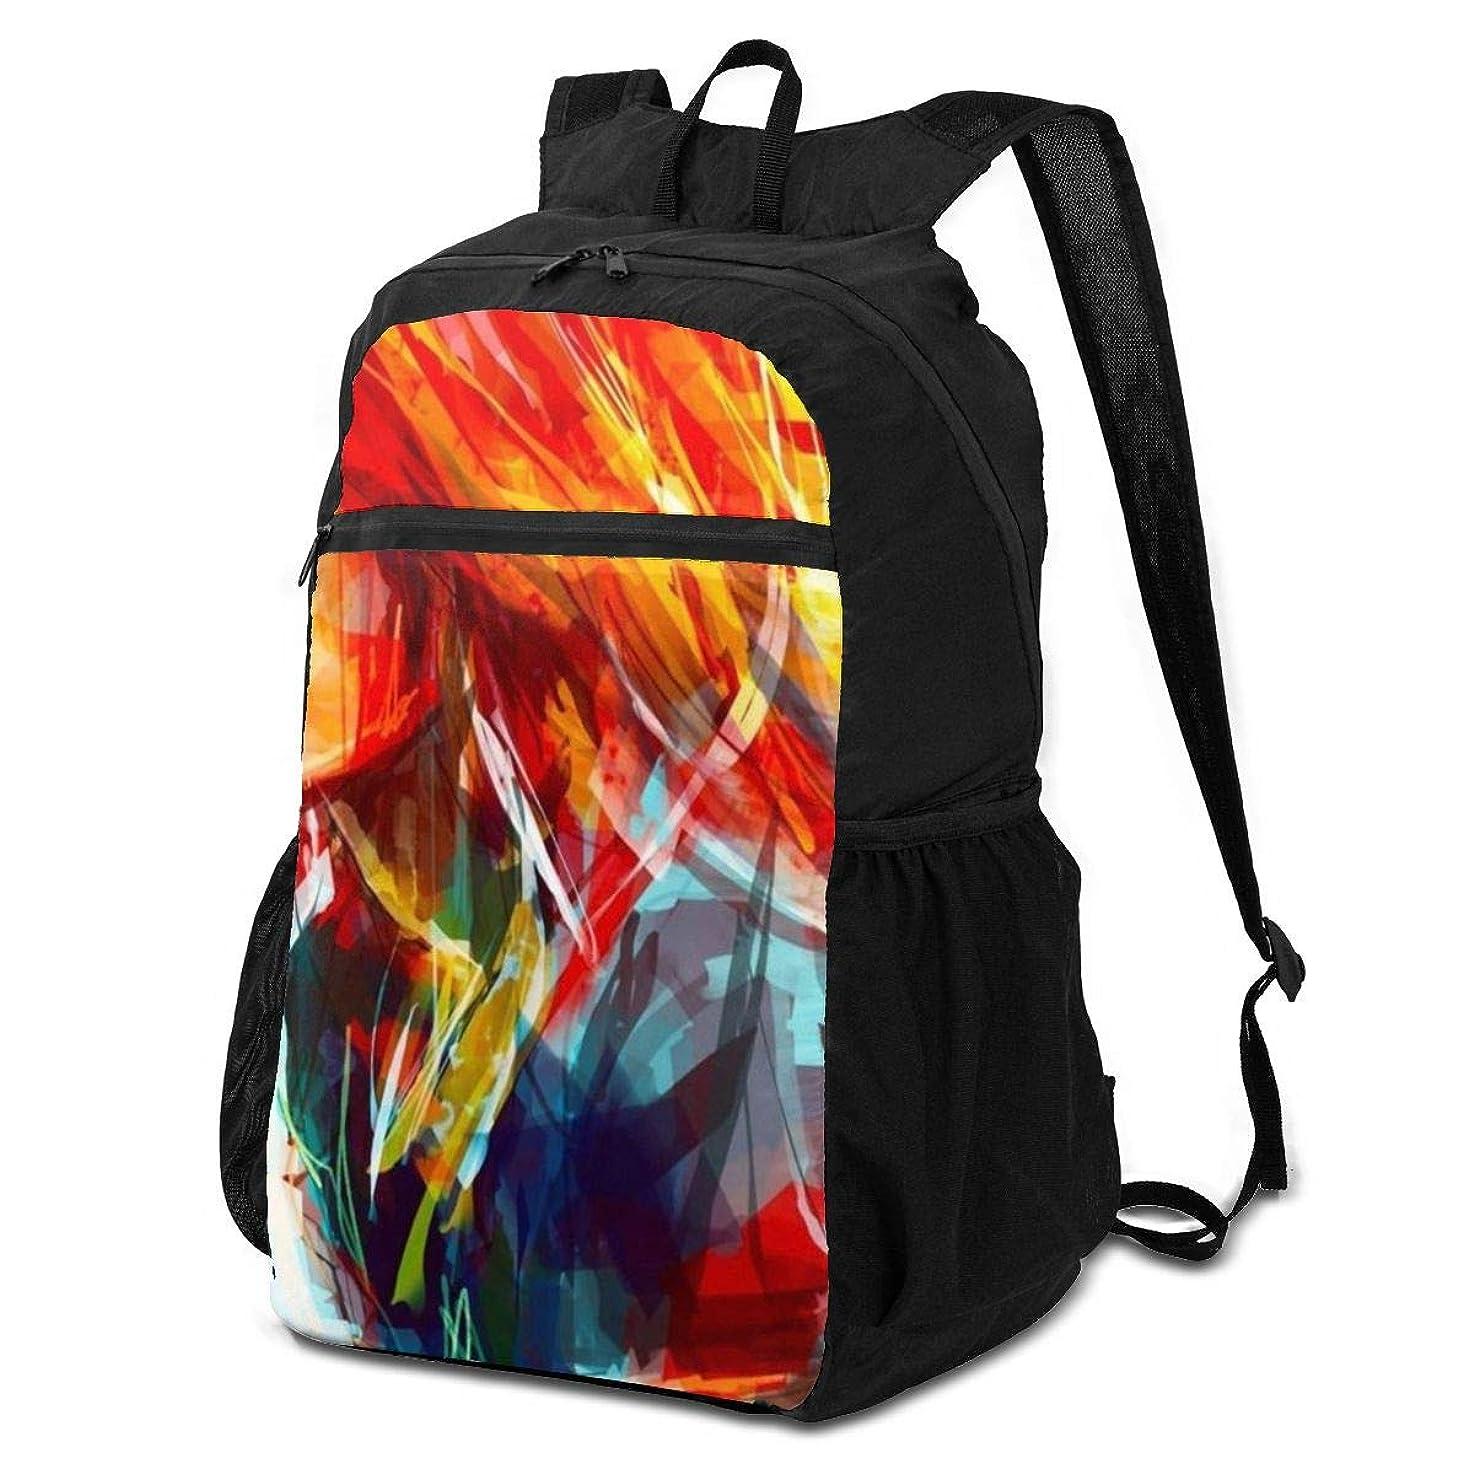 アナログそばに酔う登山リュック ザック 青い抽象芸術 バックパック 軽量 防水 通勤 小型旅行 折りたたみ式キャンプ アウトドアバッグ